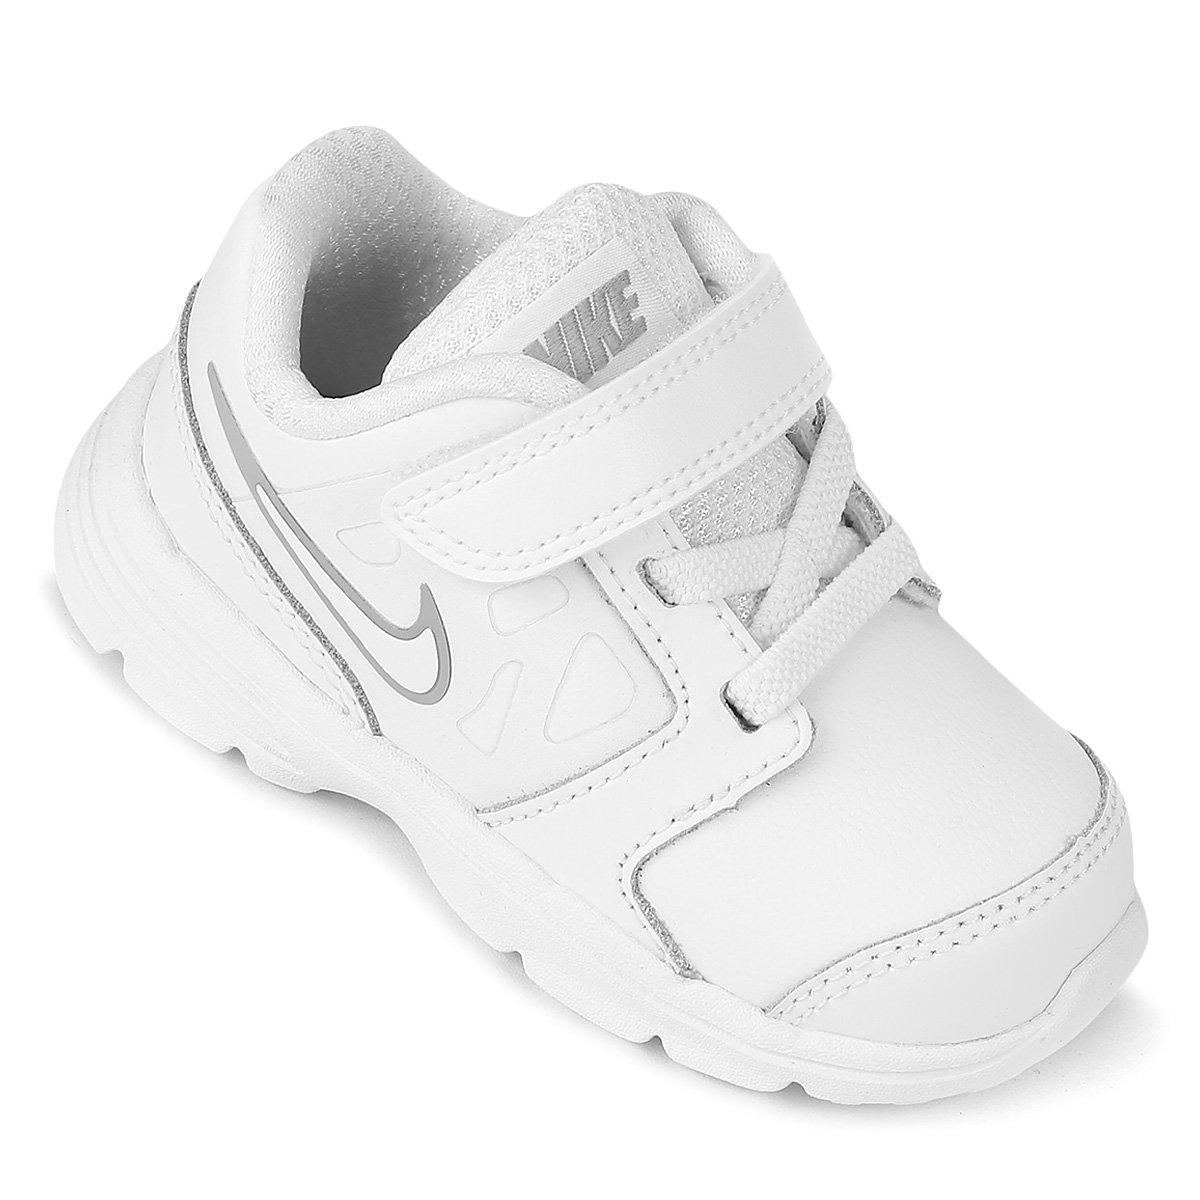 405b0285 Tênis Infantil Nike Downshifter 6 Ltr Masculino   Shop Timão